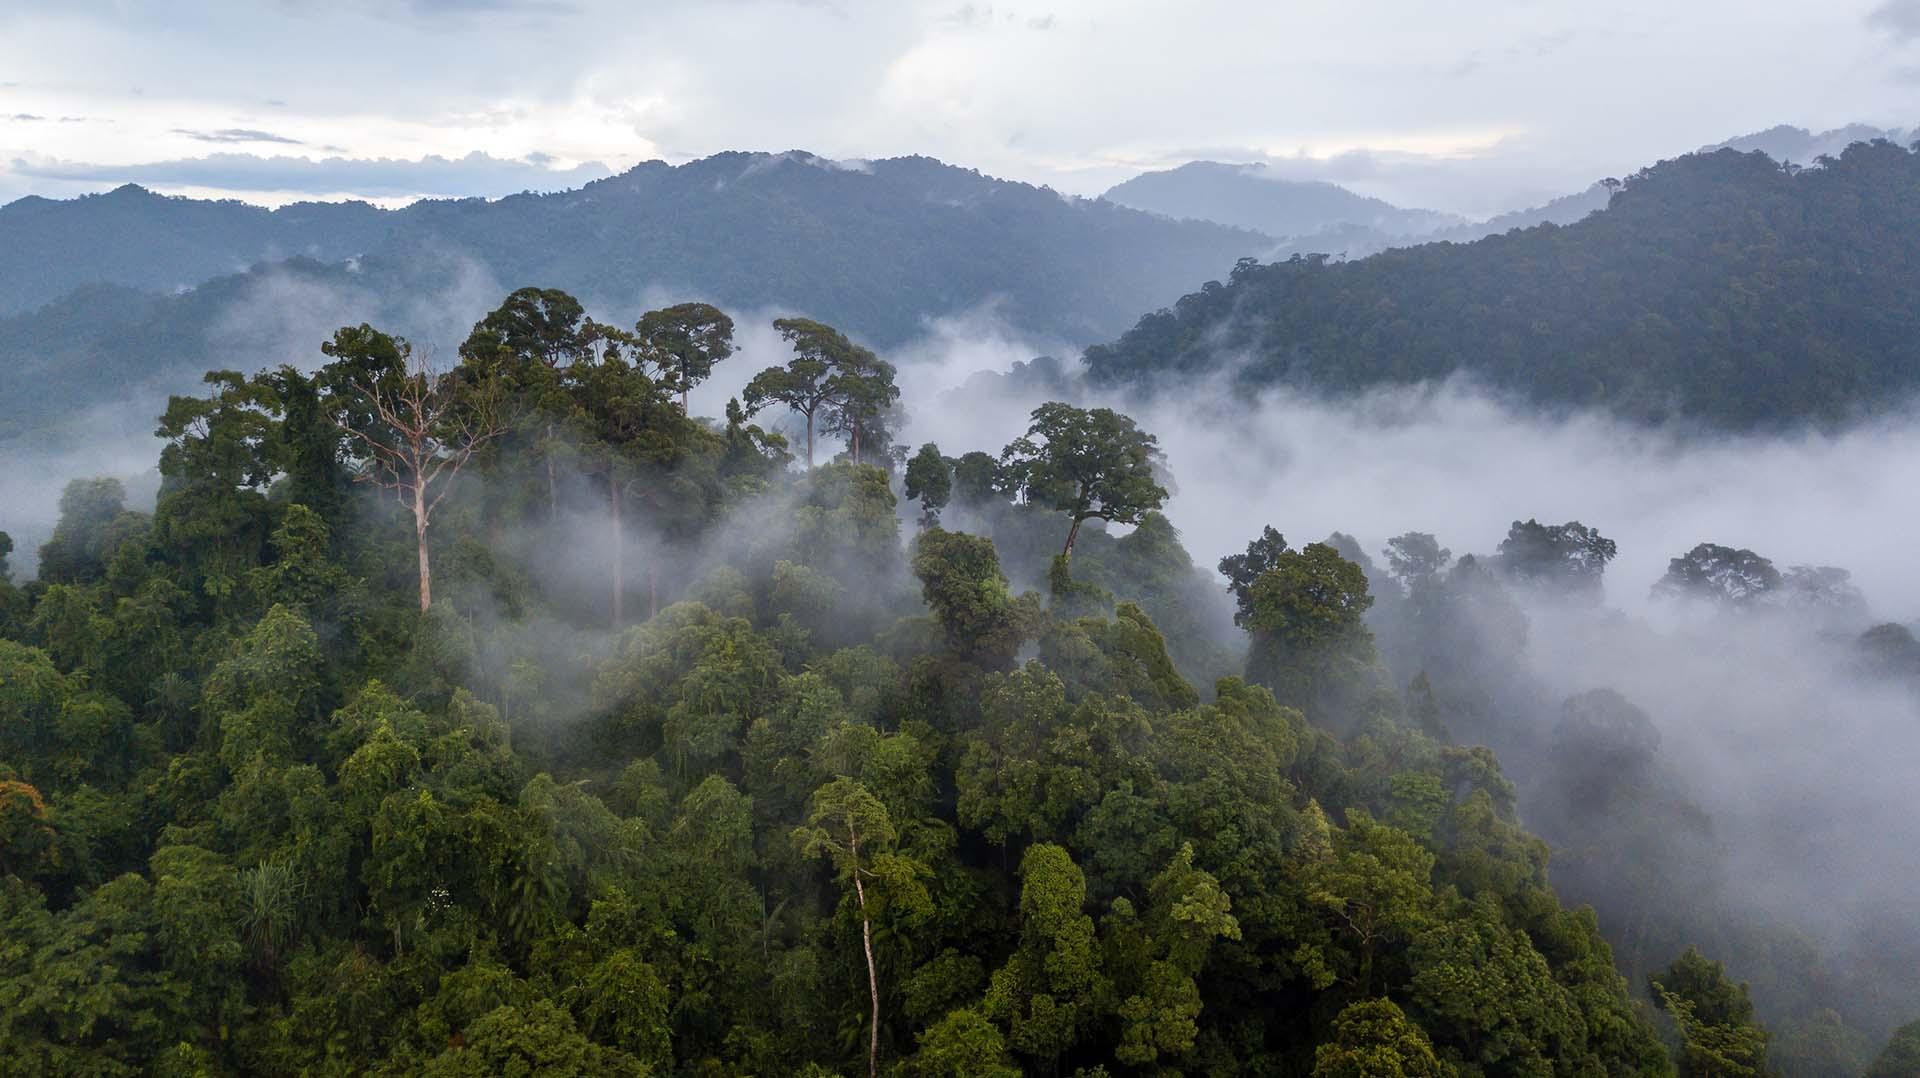 Una parte de la selva tropical más grande del mundo, también se encuentra en Brasil. La selva amazónica cubre aproximadamente el 40% de América del Sur, incluidos Brasil, Ecuador, Perú, Bolivia, Colombia, Venezuela, Guyana, Surinam y la Guayana Francesa. Es el bosque tropical más grande del mundo y es famoso por su biodiversidad